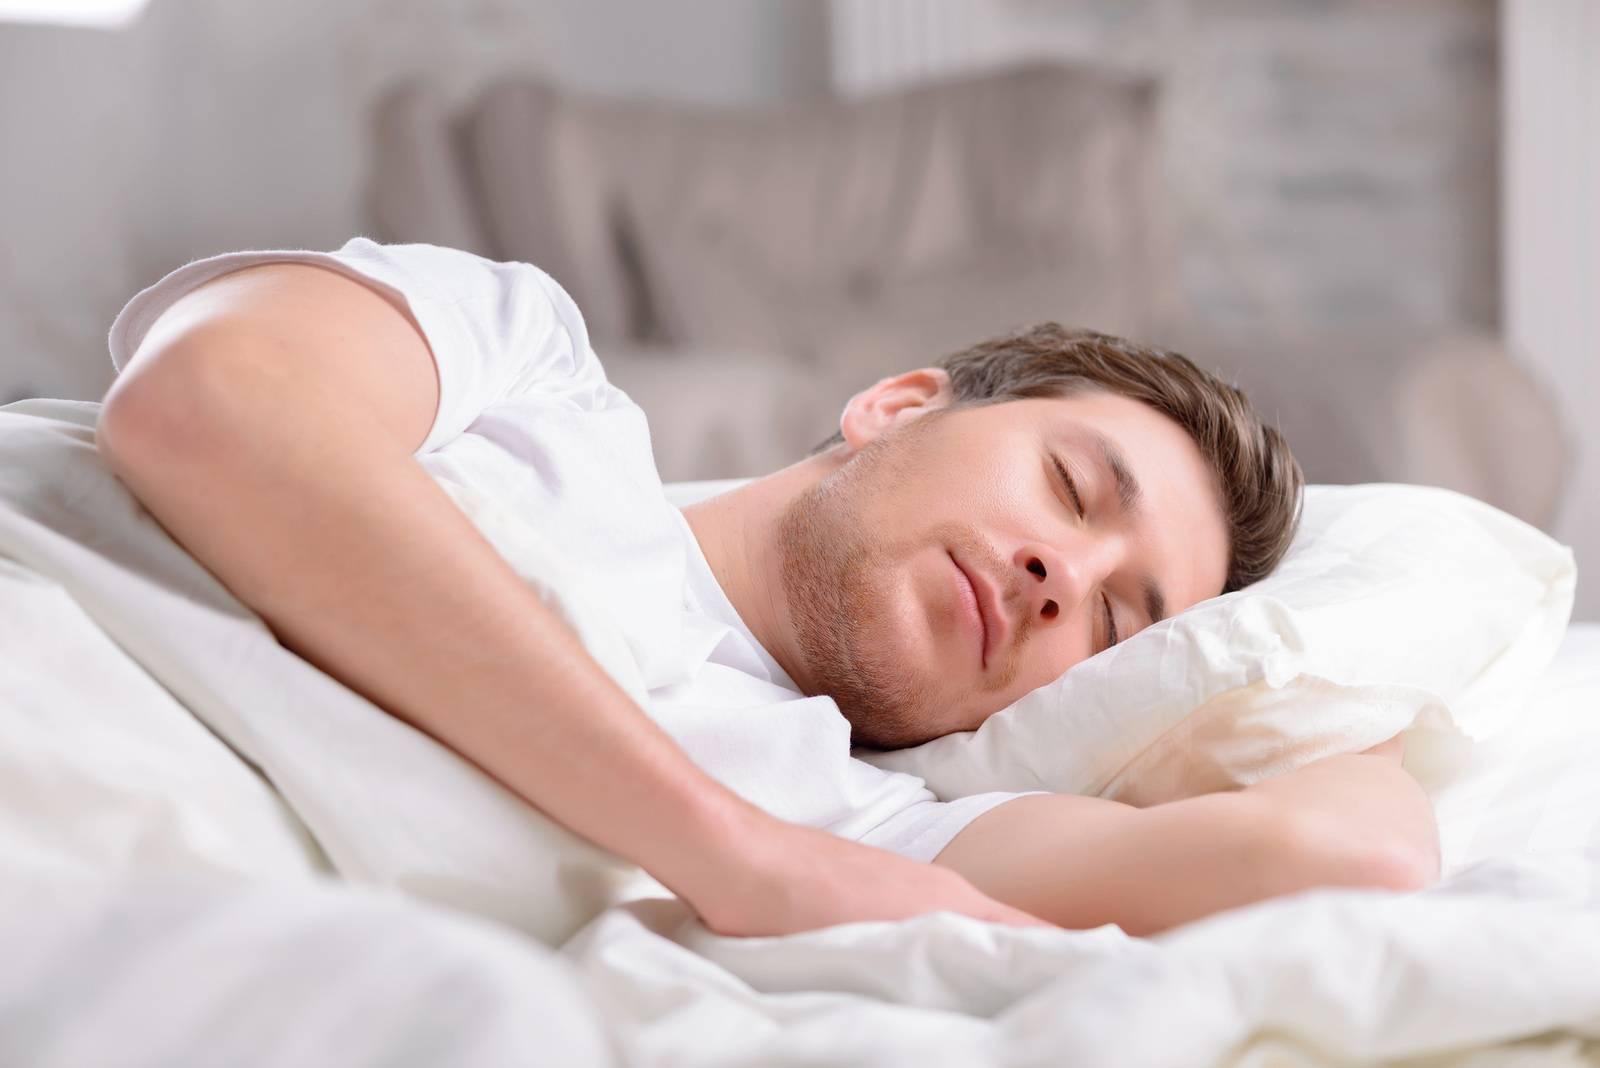 چگونه با حفظ بهره وری فقط روزی 4 ساعت بخوابیم؟